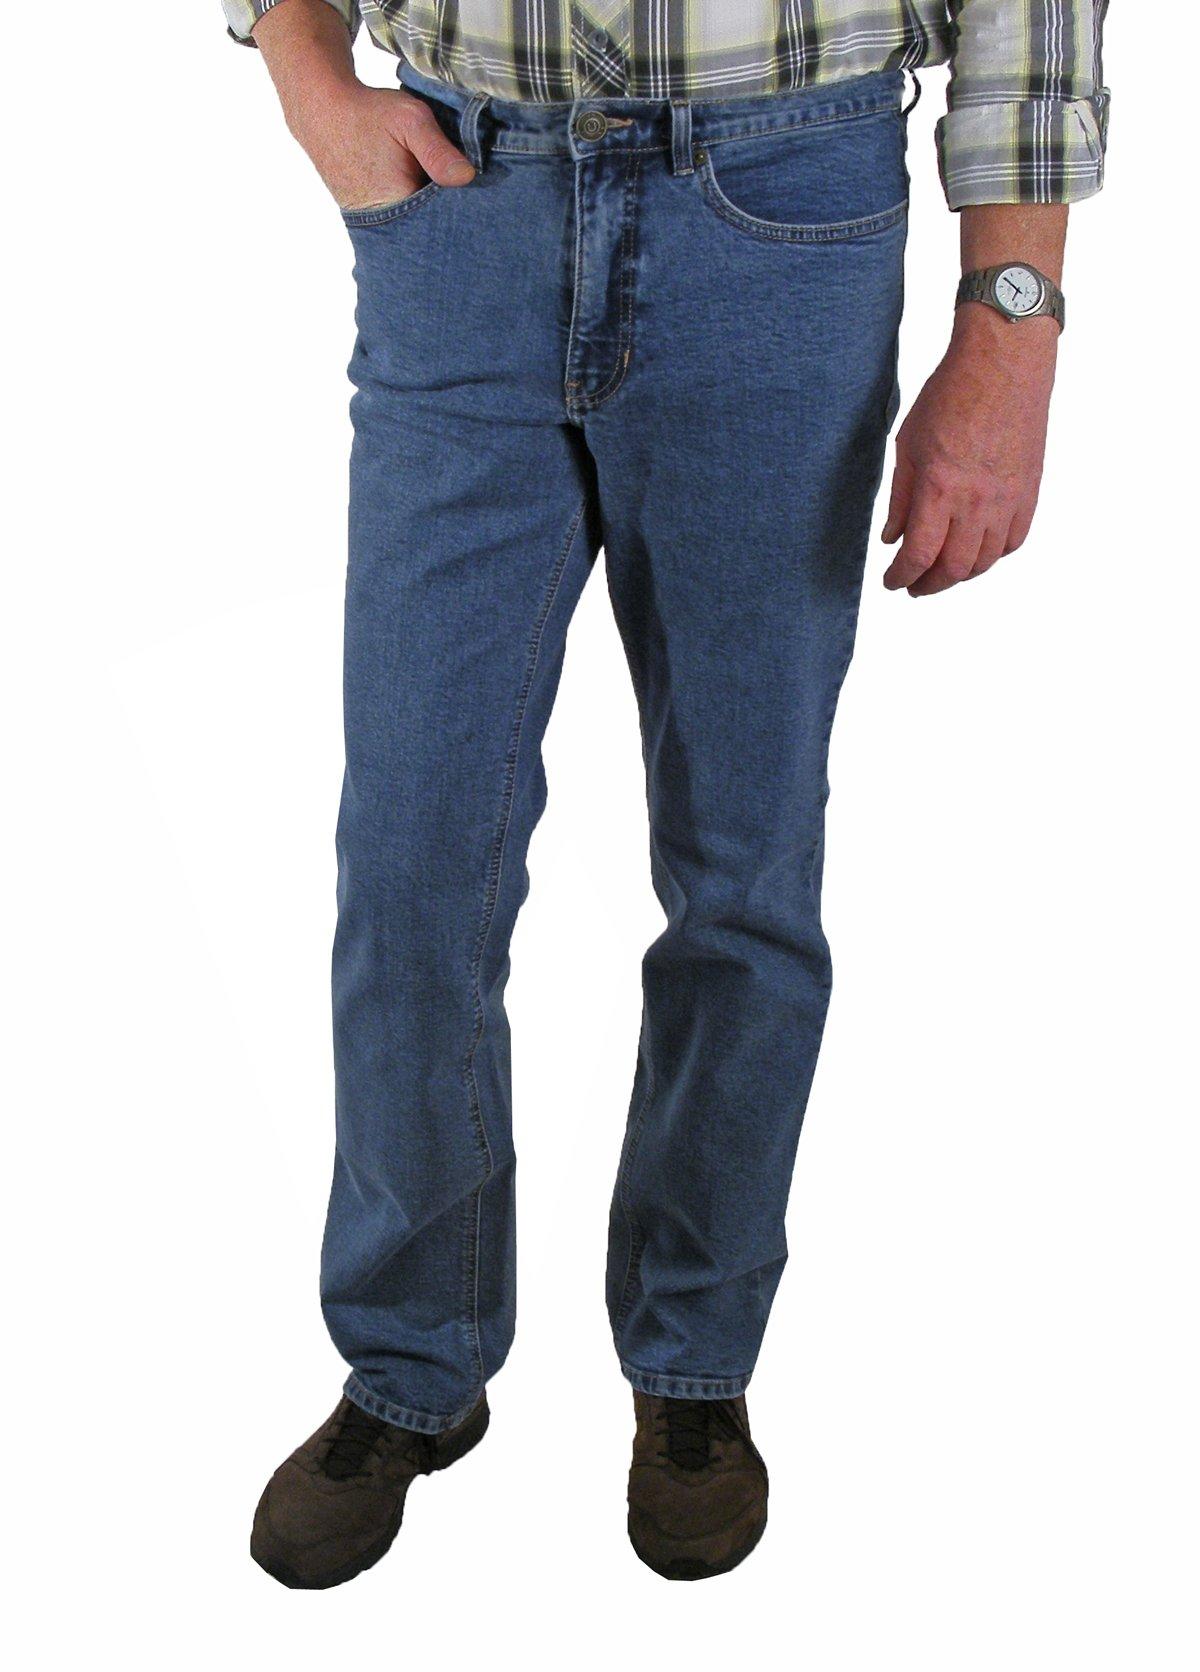 Mud Jeans günstig kaufen & sparen | Jeans